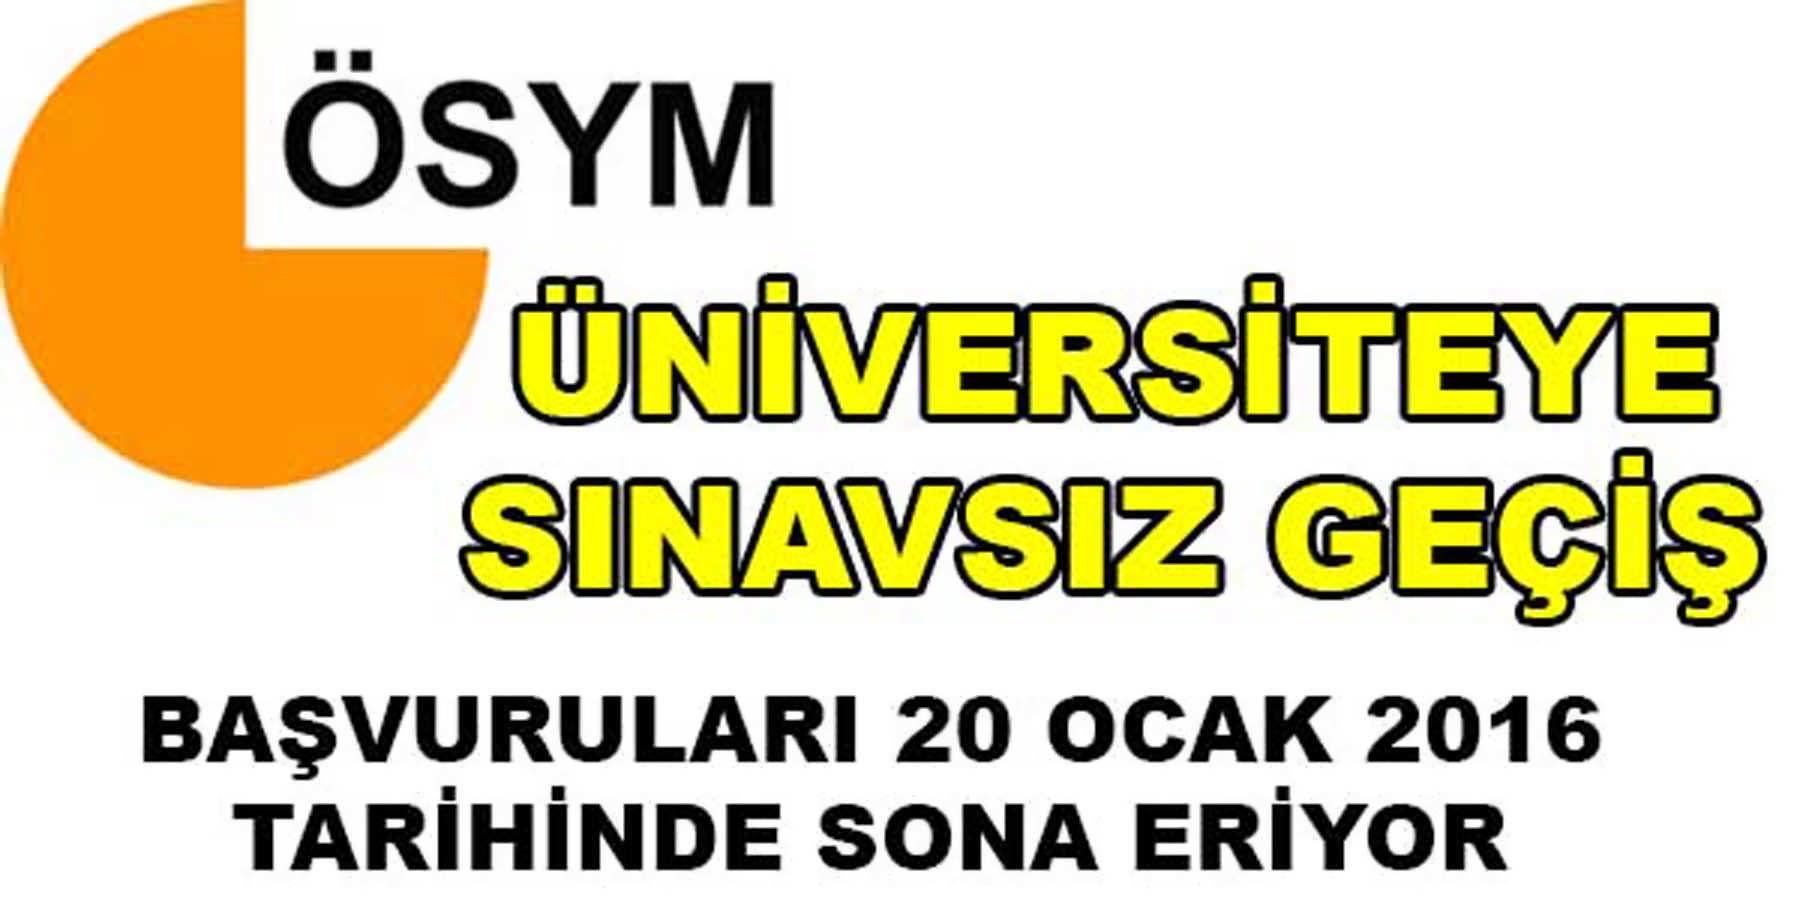 Üniversiteye Sınavsız Giriş İçin 20 Ocak 2016 Son Gün